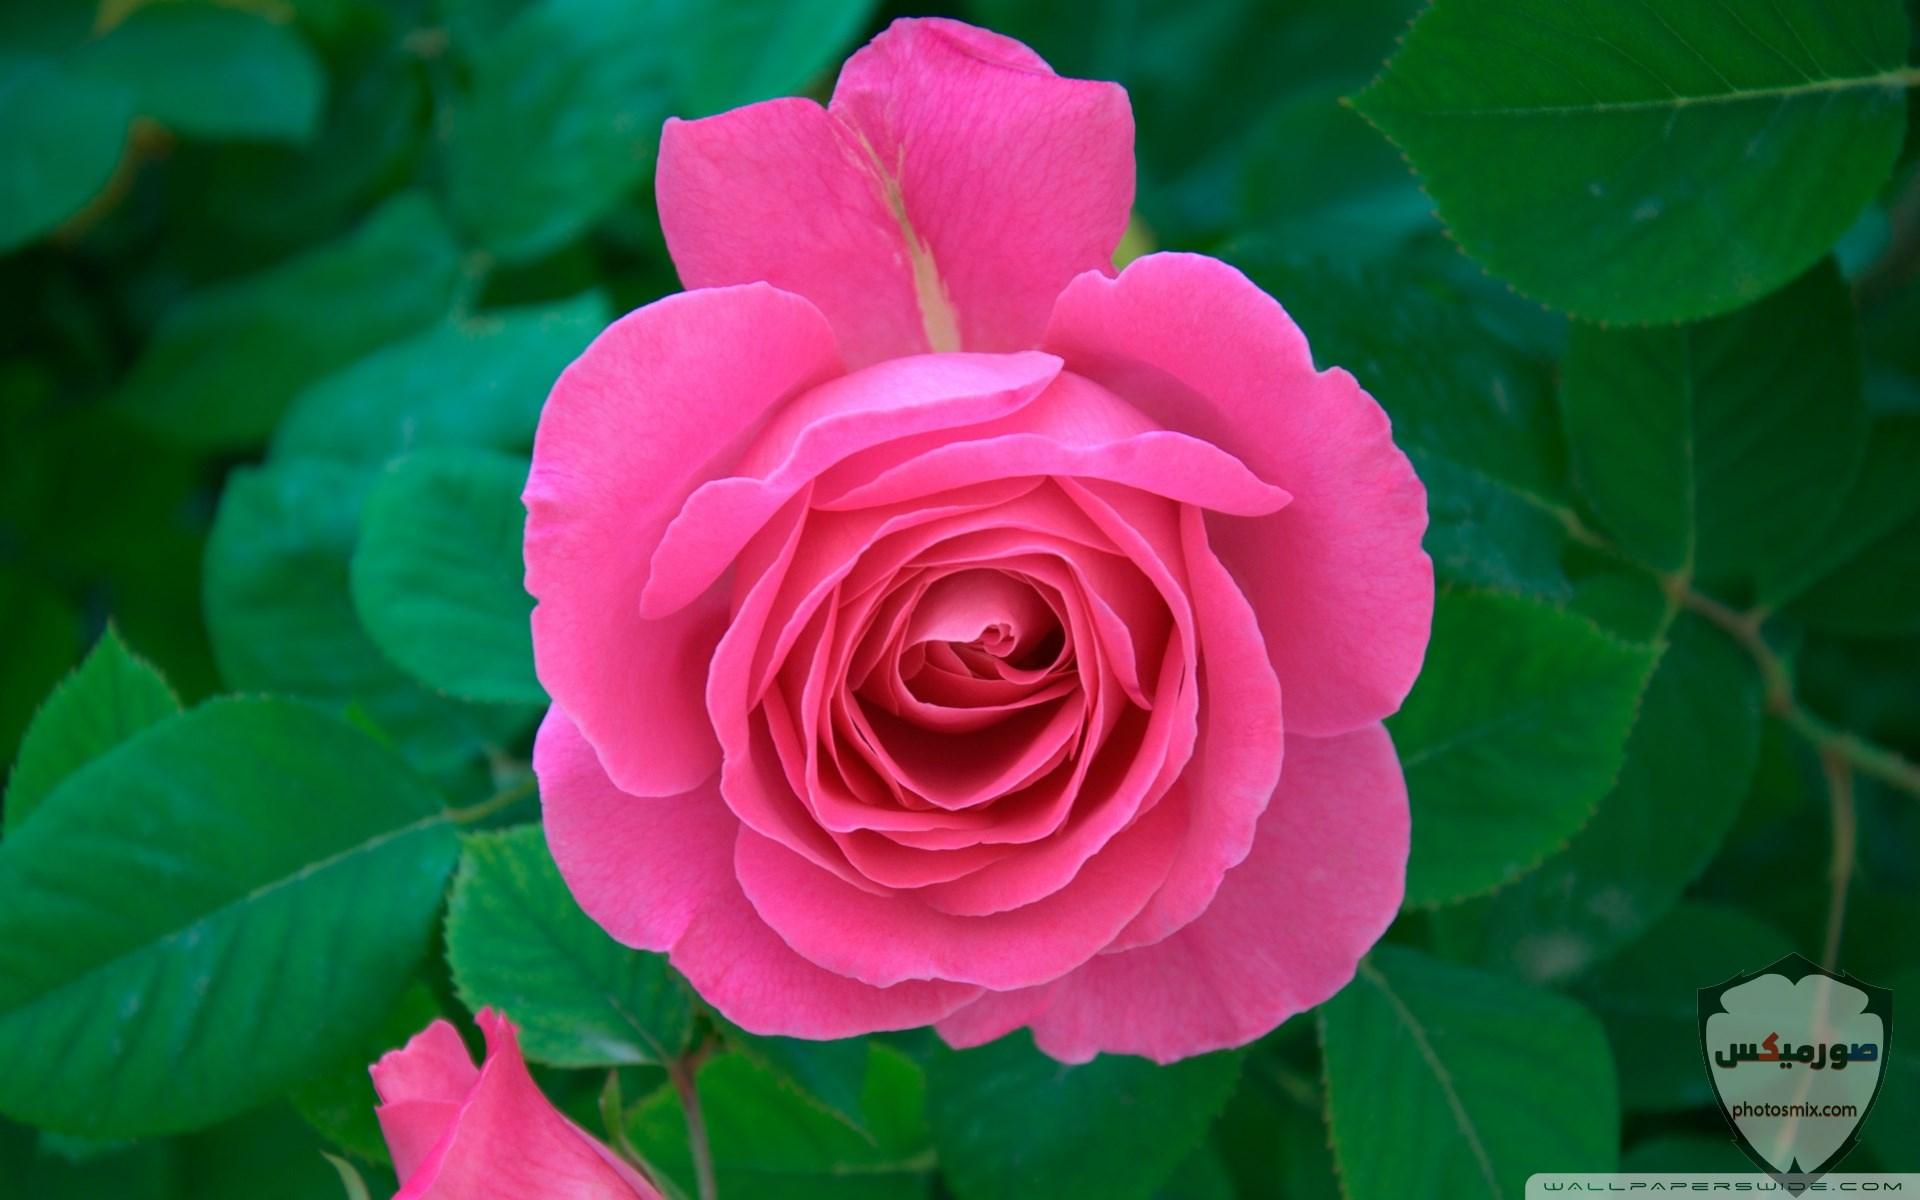 صور زهور جميلة 15 1